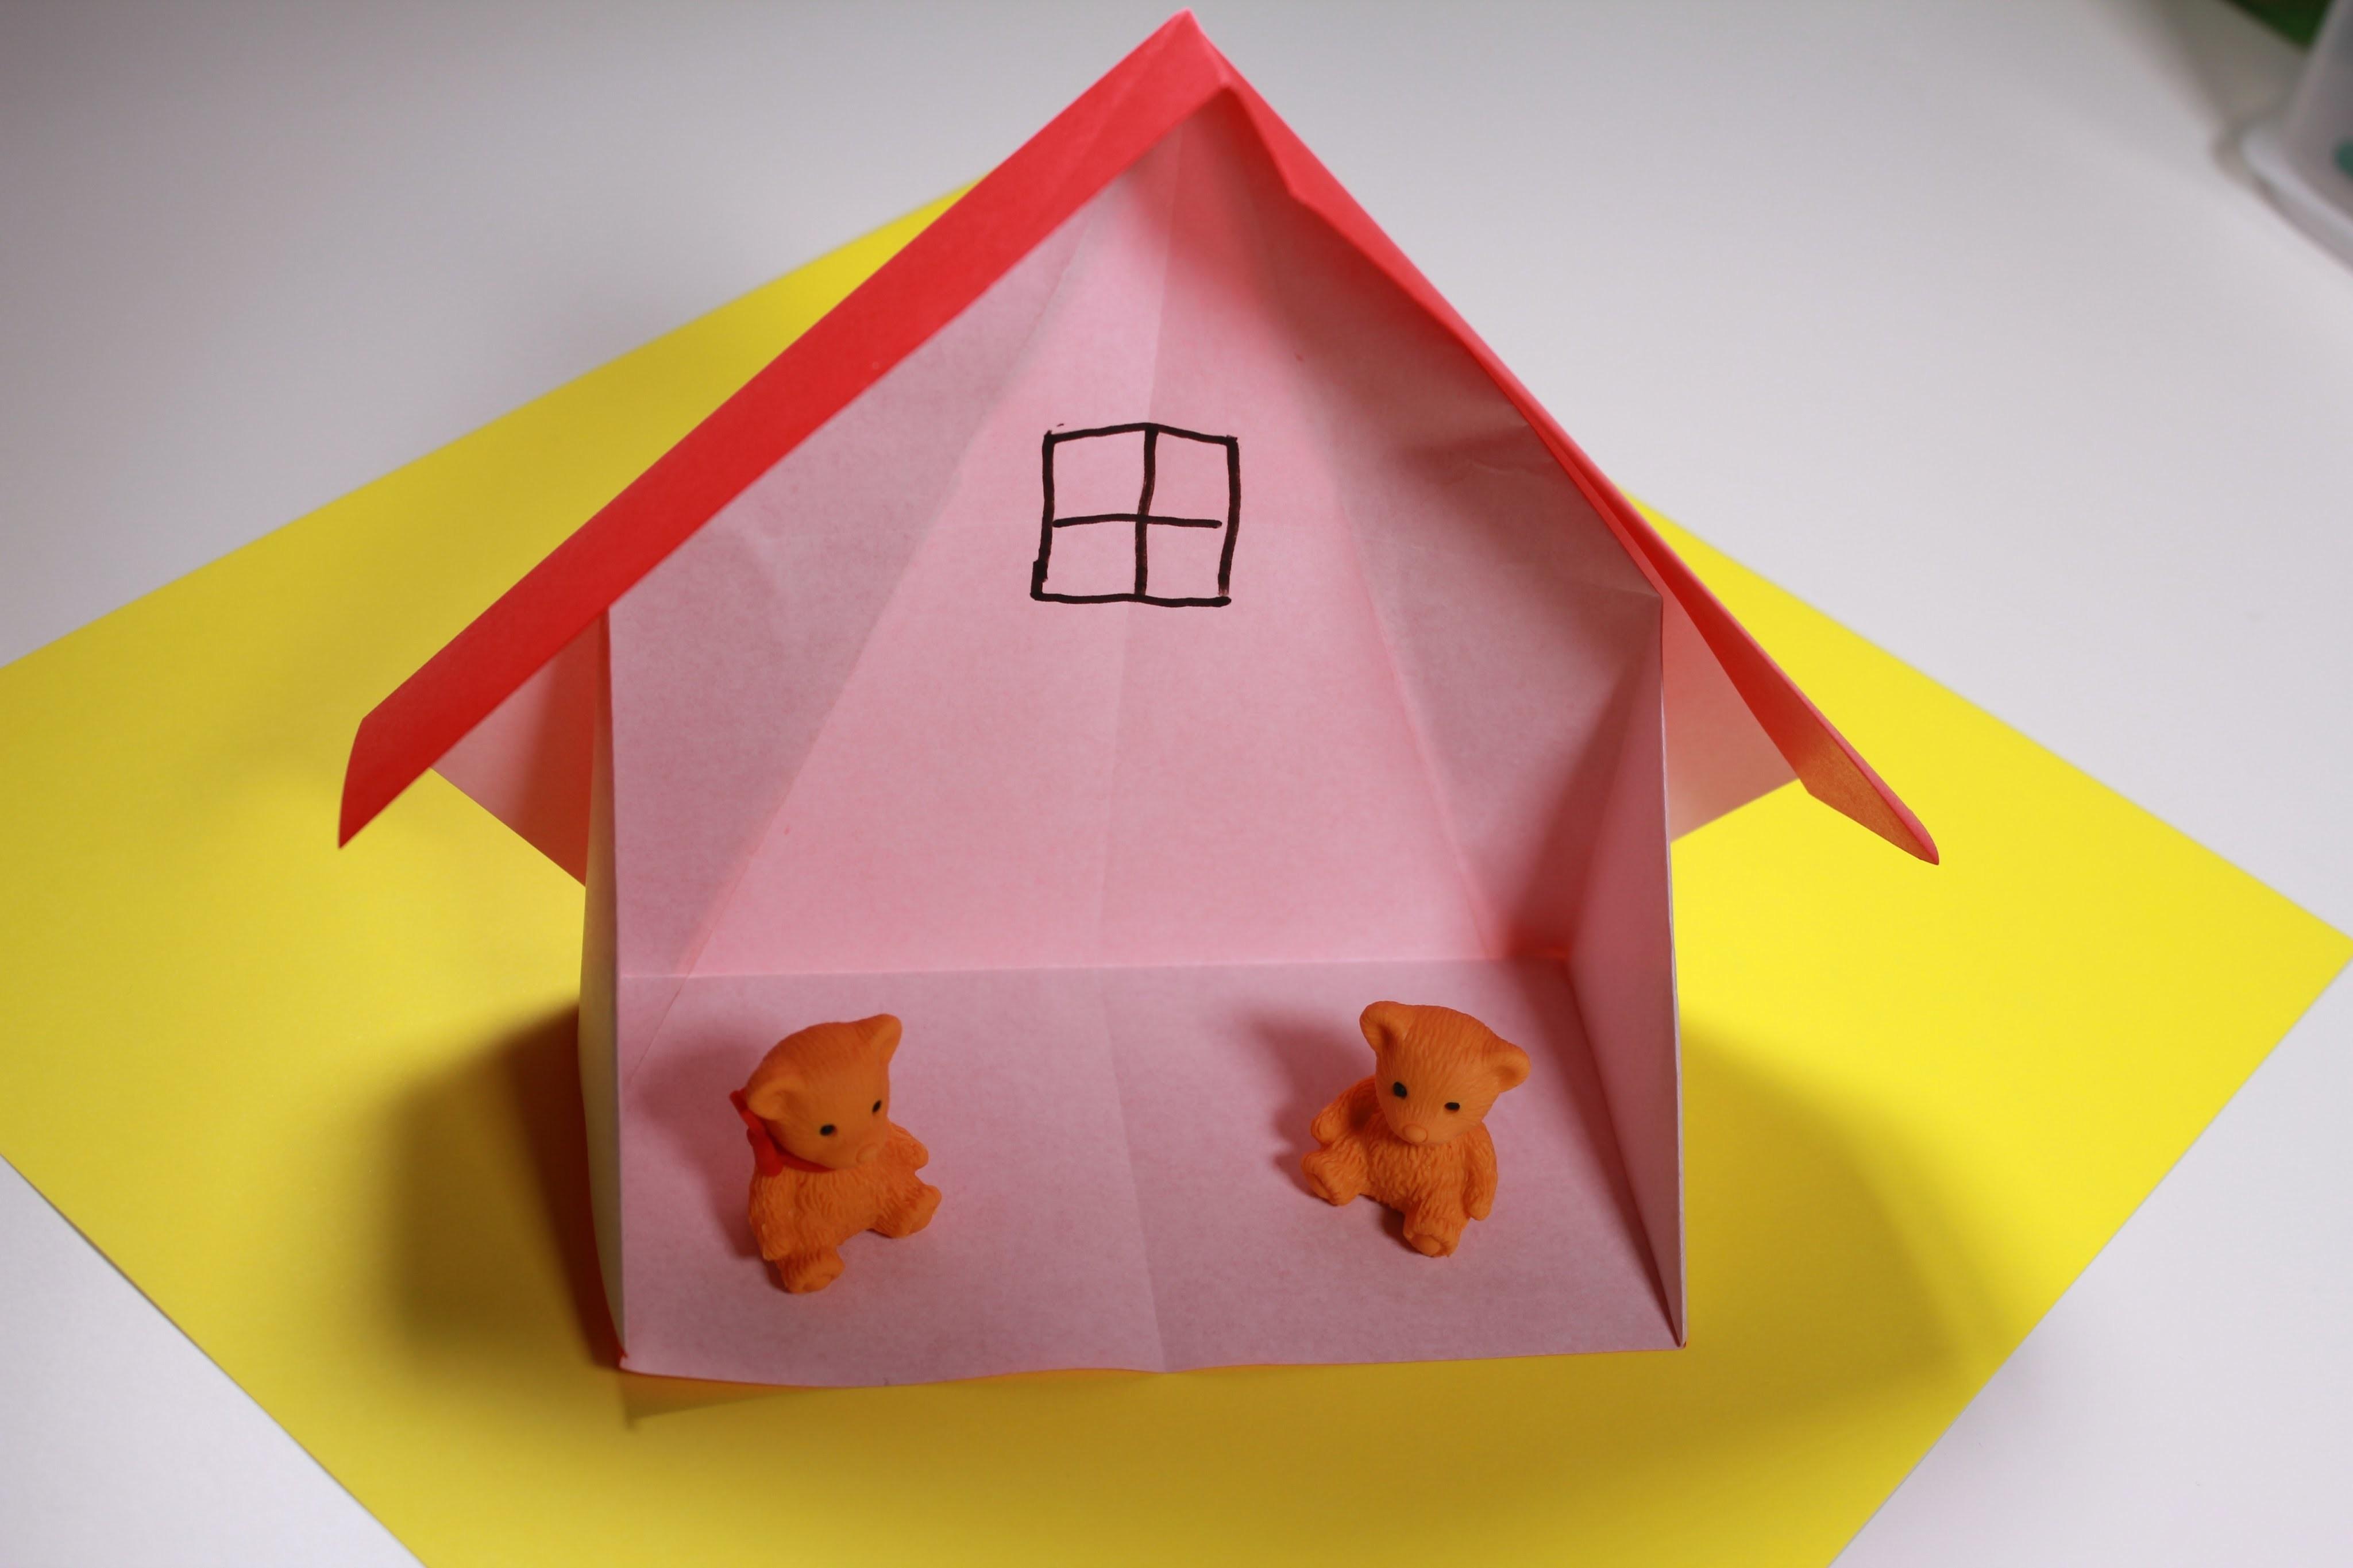 картинки домик оригами пирата существует